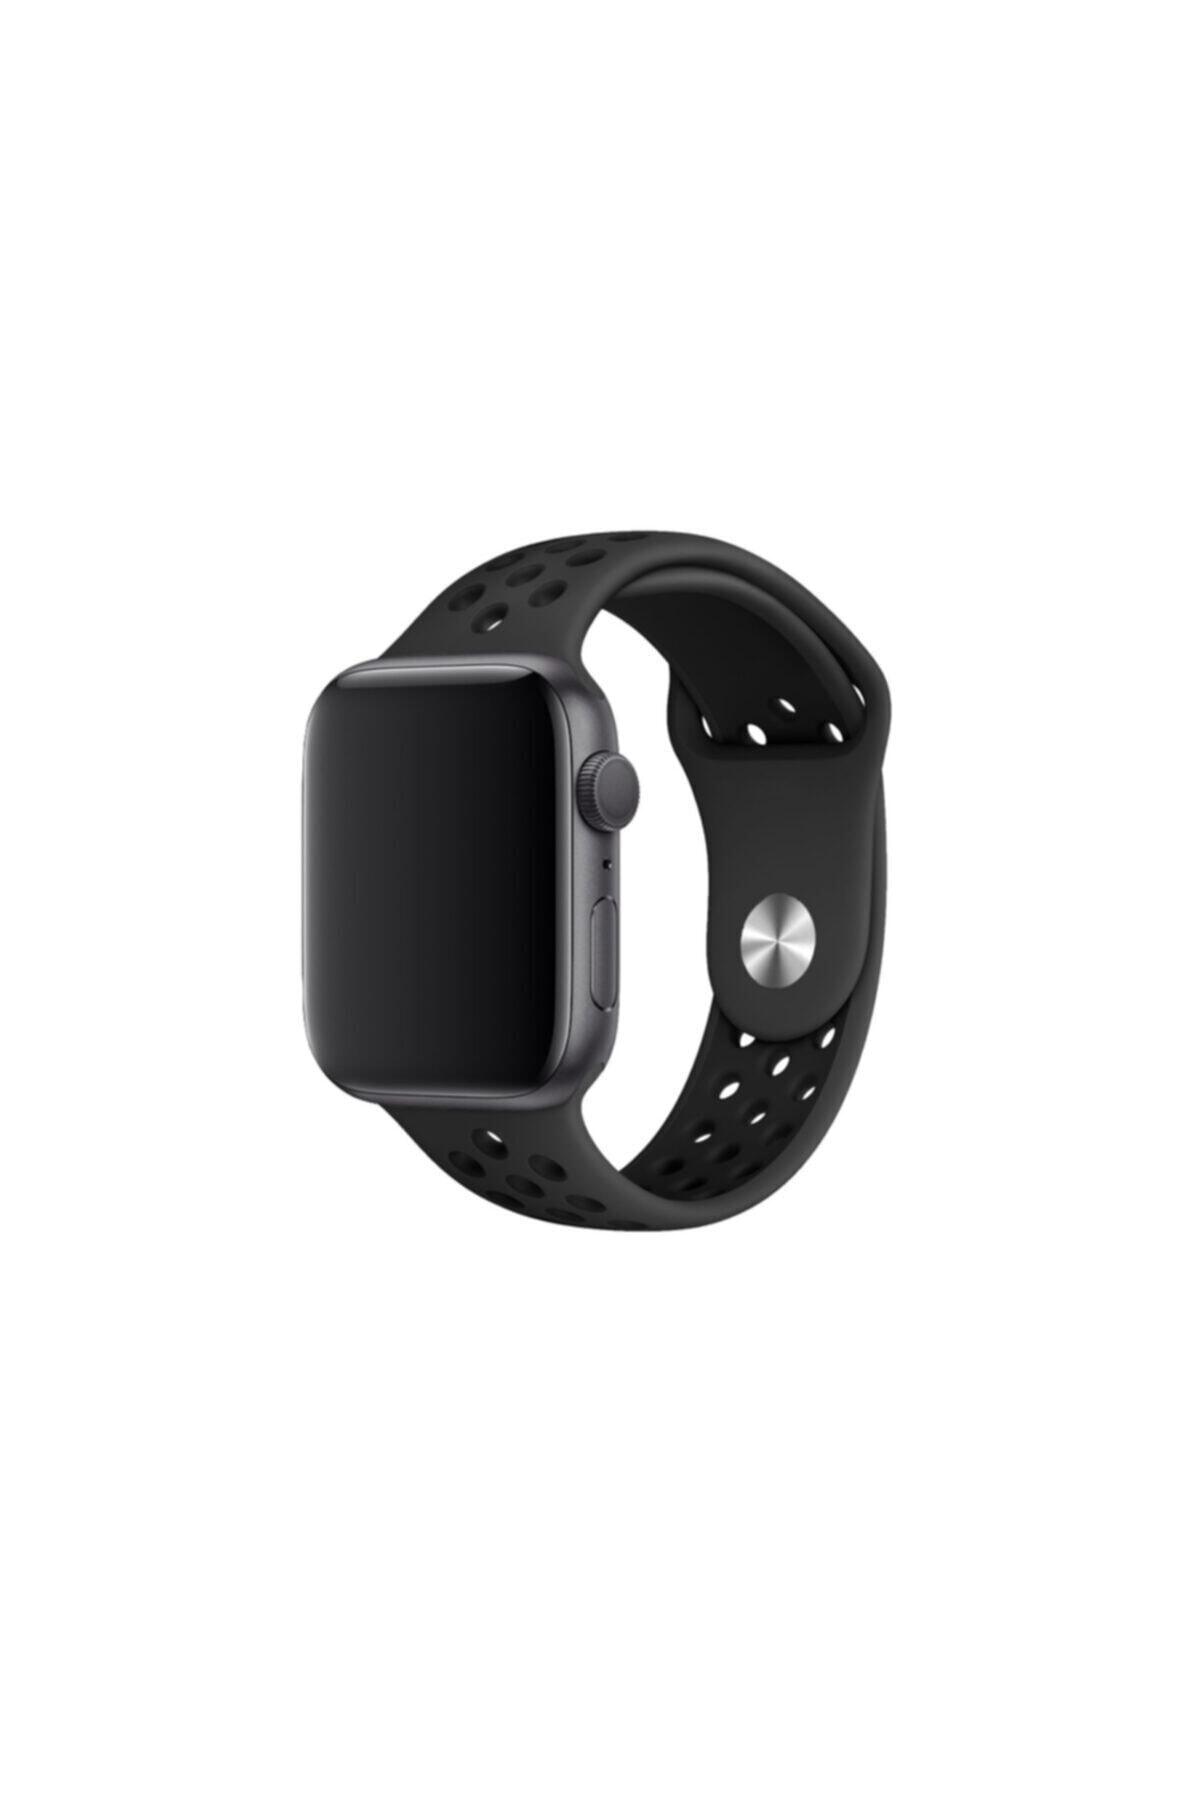 Deilmi Watch 6 Special 2021 Versiyon Ios Android Uyumlu Akıllı Saat Türkçe Menü(yedek Kordon+kablosuz Şarj) 2